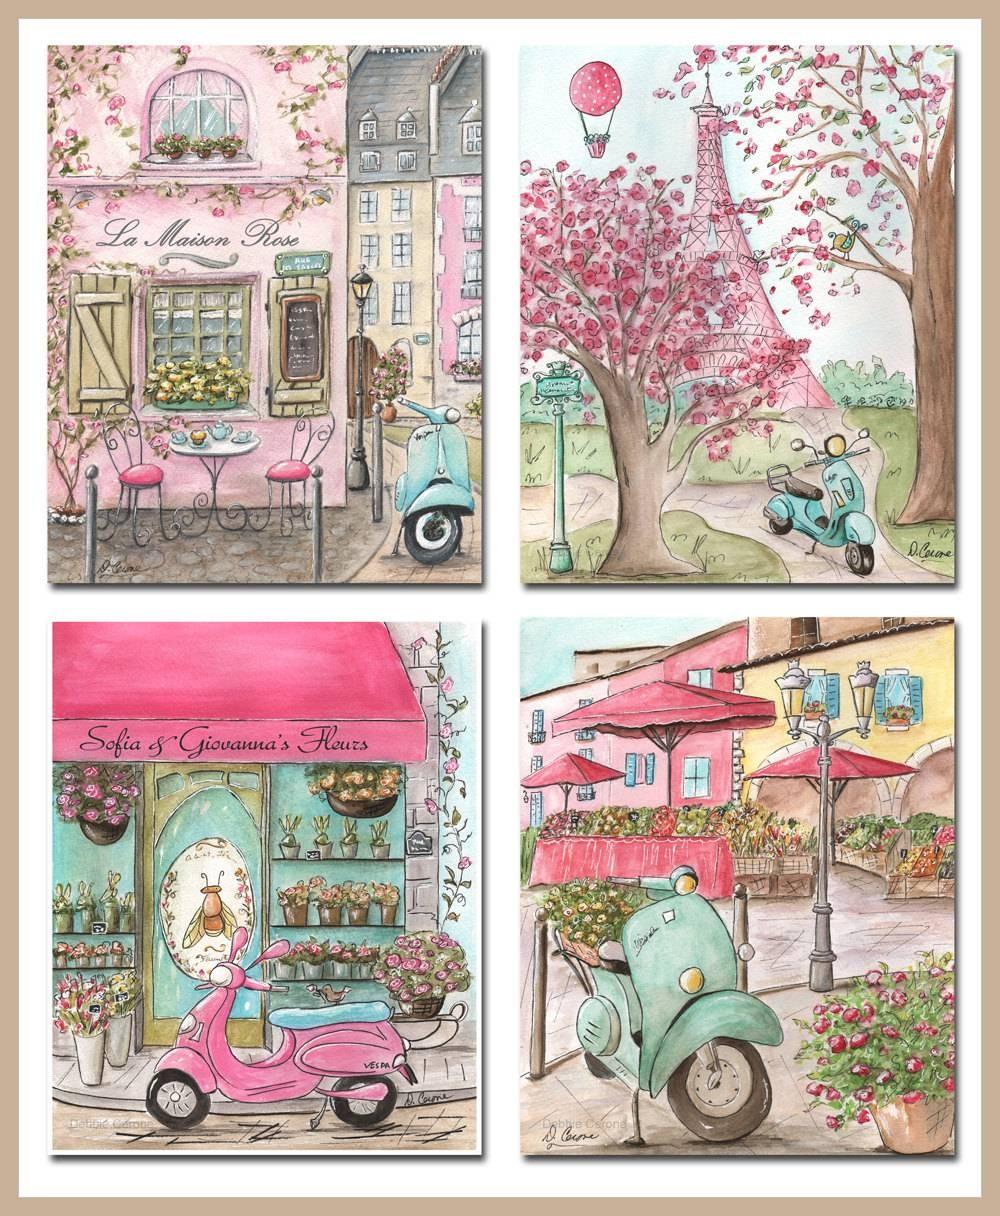 Paris Art Prints Paris Decor Paris Bedroom Decor Paris Within Current Paris Theme Nursery Wall Art (View 3 of 30)